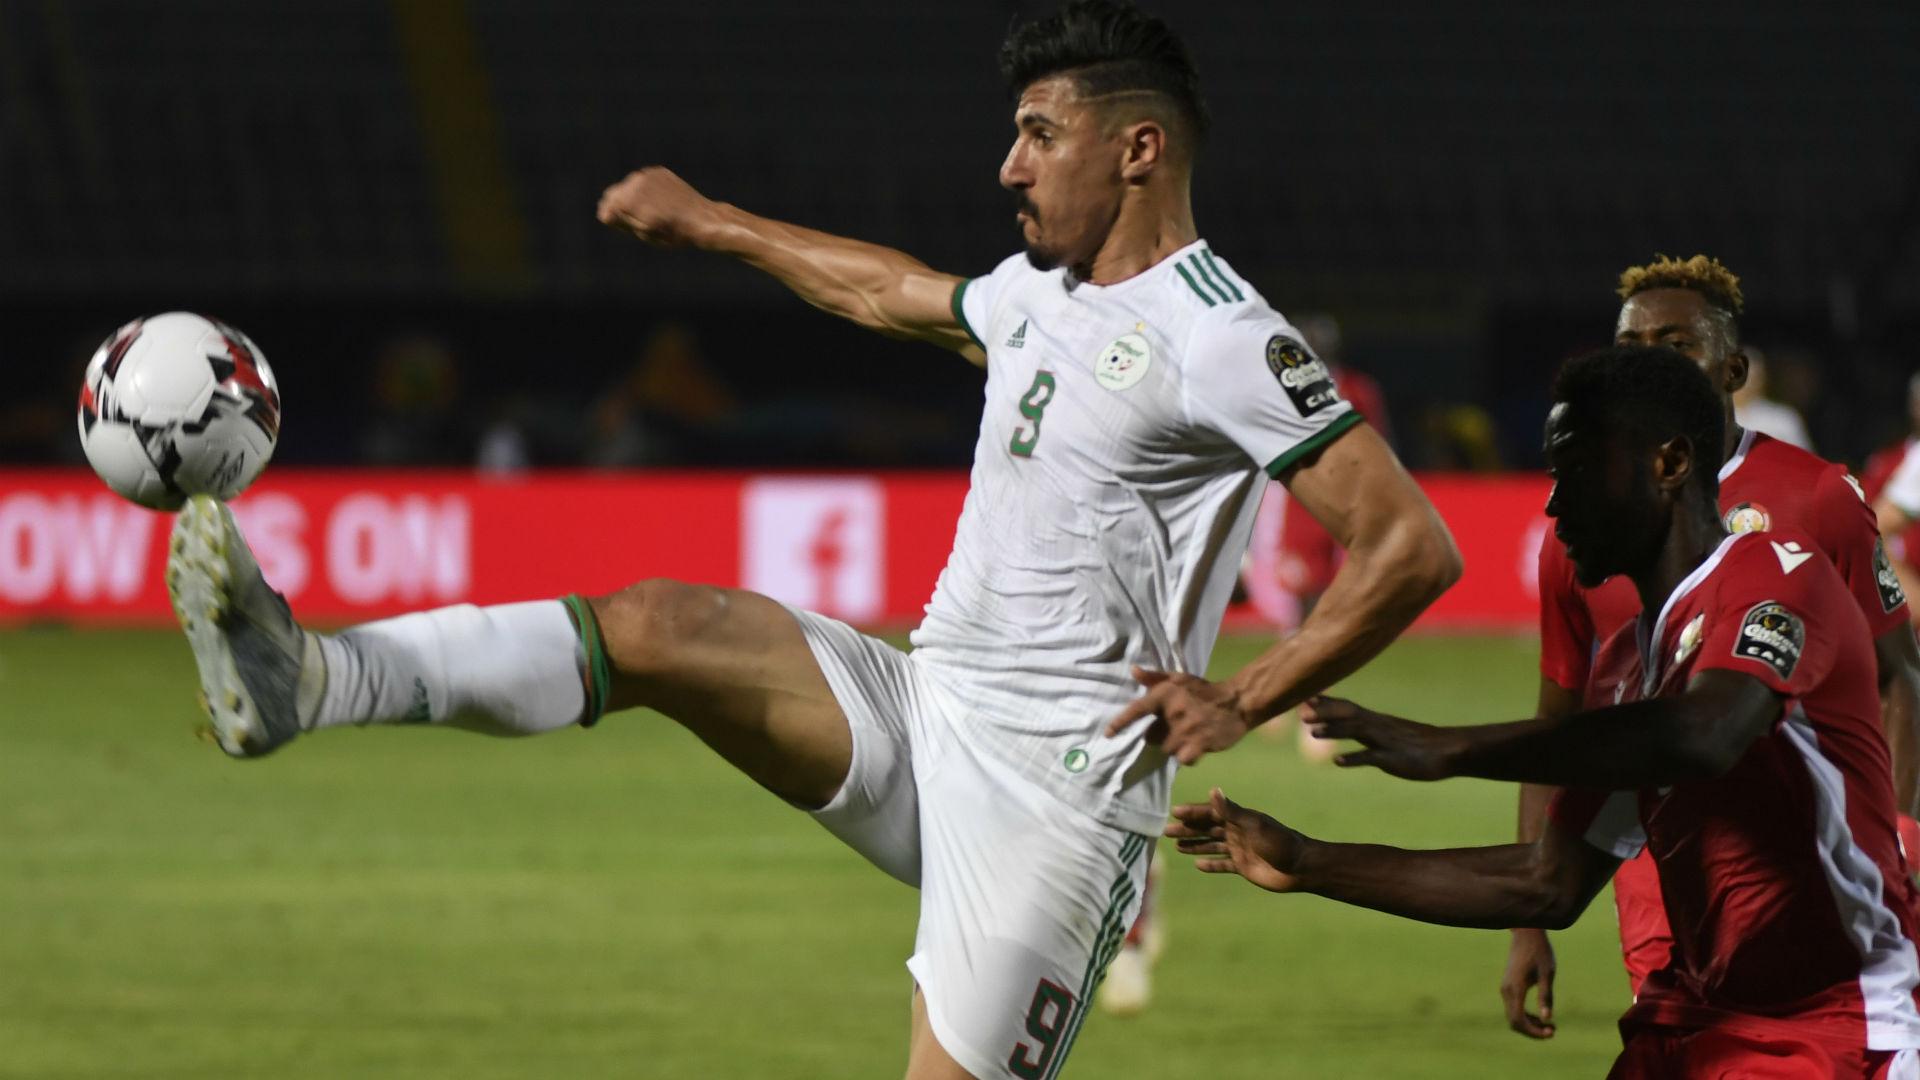 Algérie-Sénégal : Baghdad Bounedjah inscrit le but le plus rapide de la CAN 2019 en finale